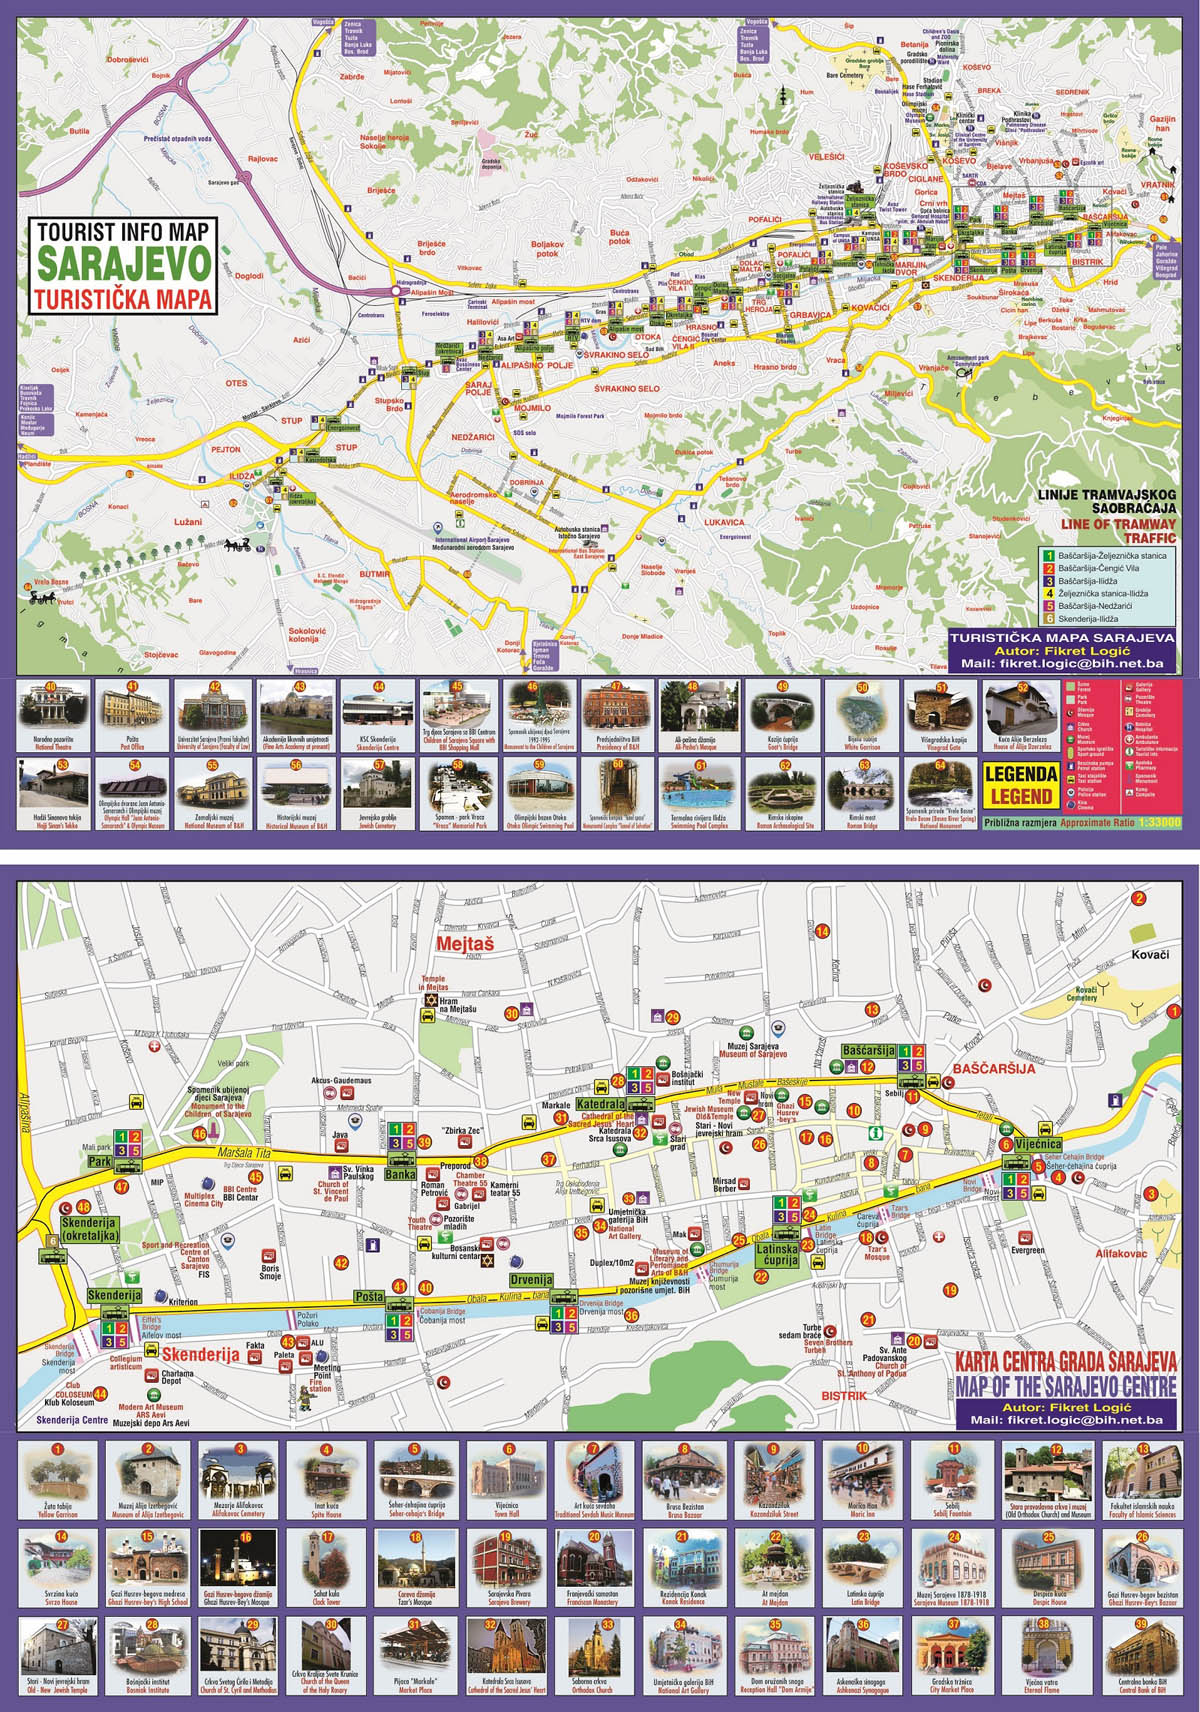 Geodet Fikret Logic Pripremio Turisticke Mape Kantona I Grada